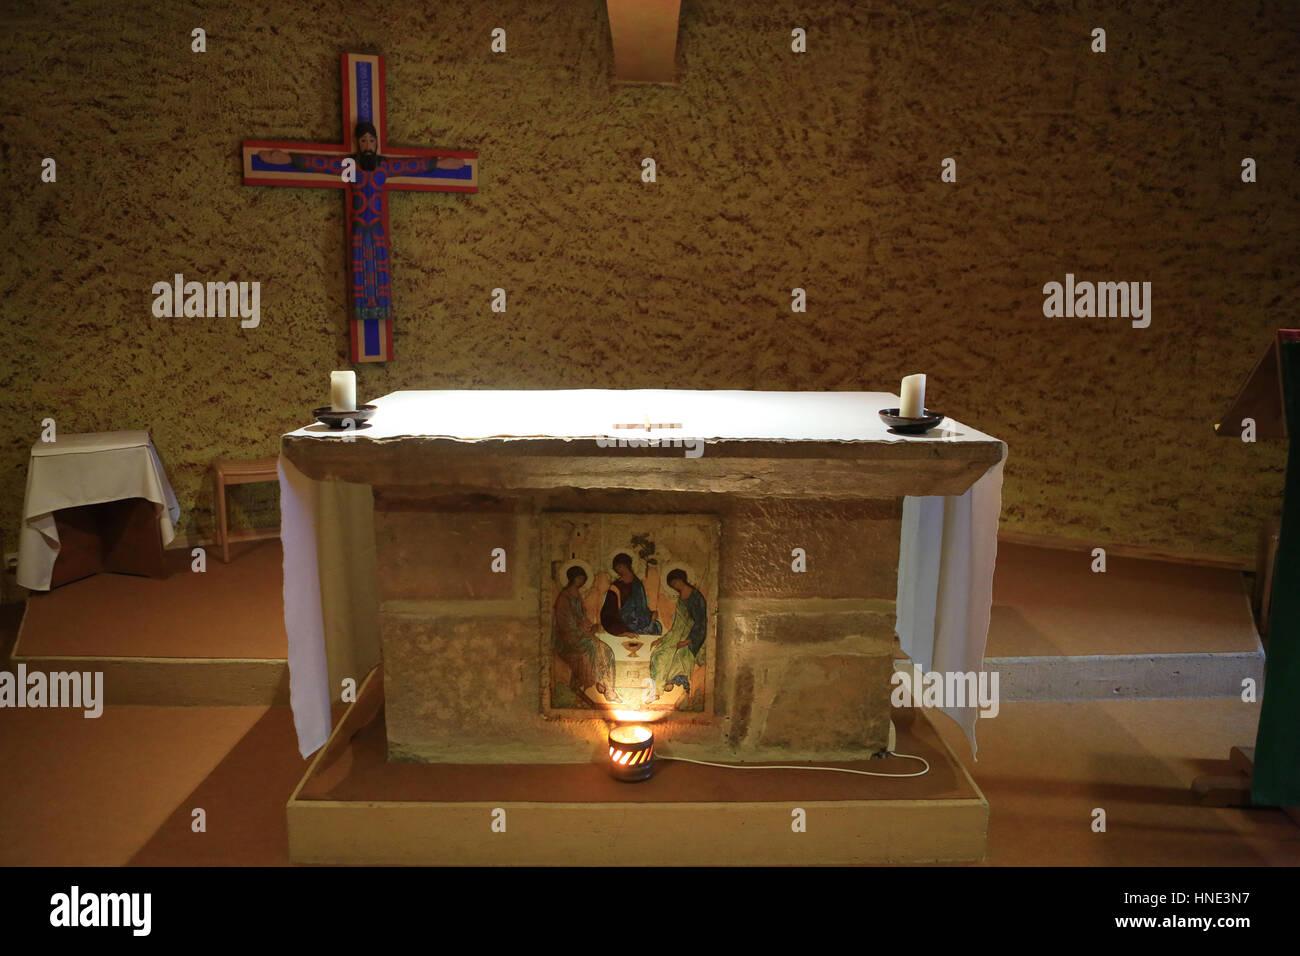 Altar. Taize Community. Stock Photo